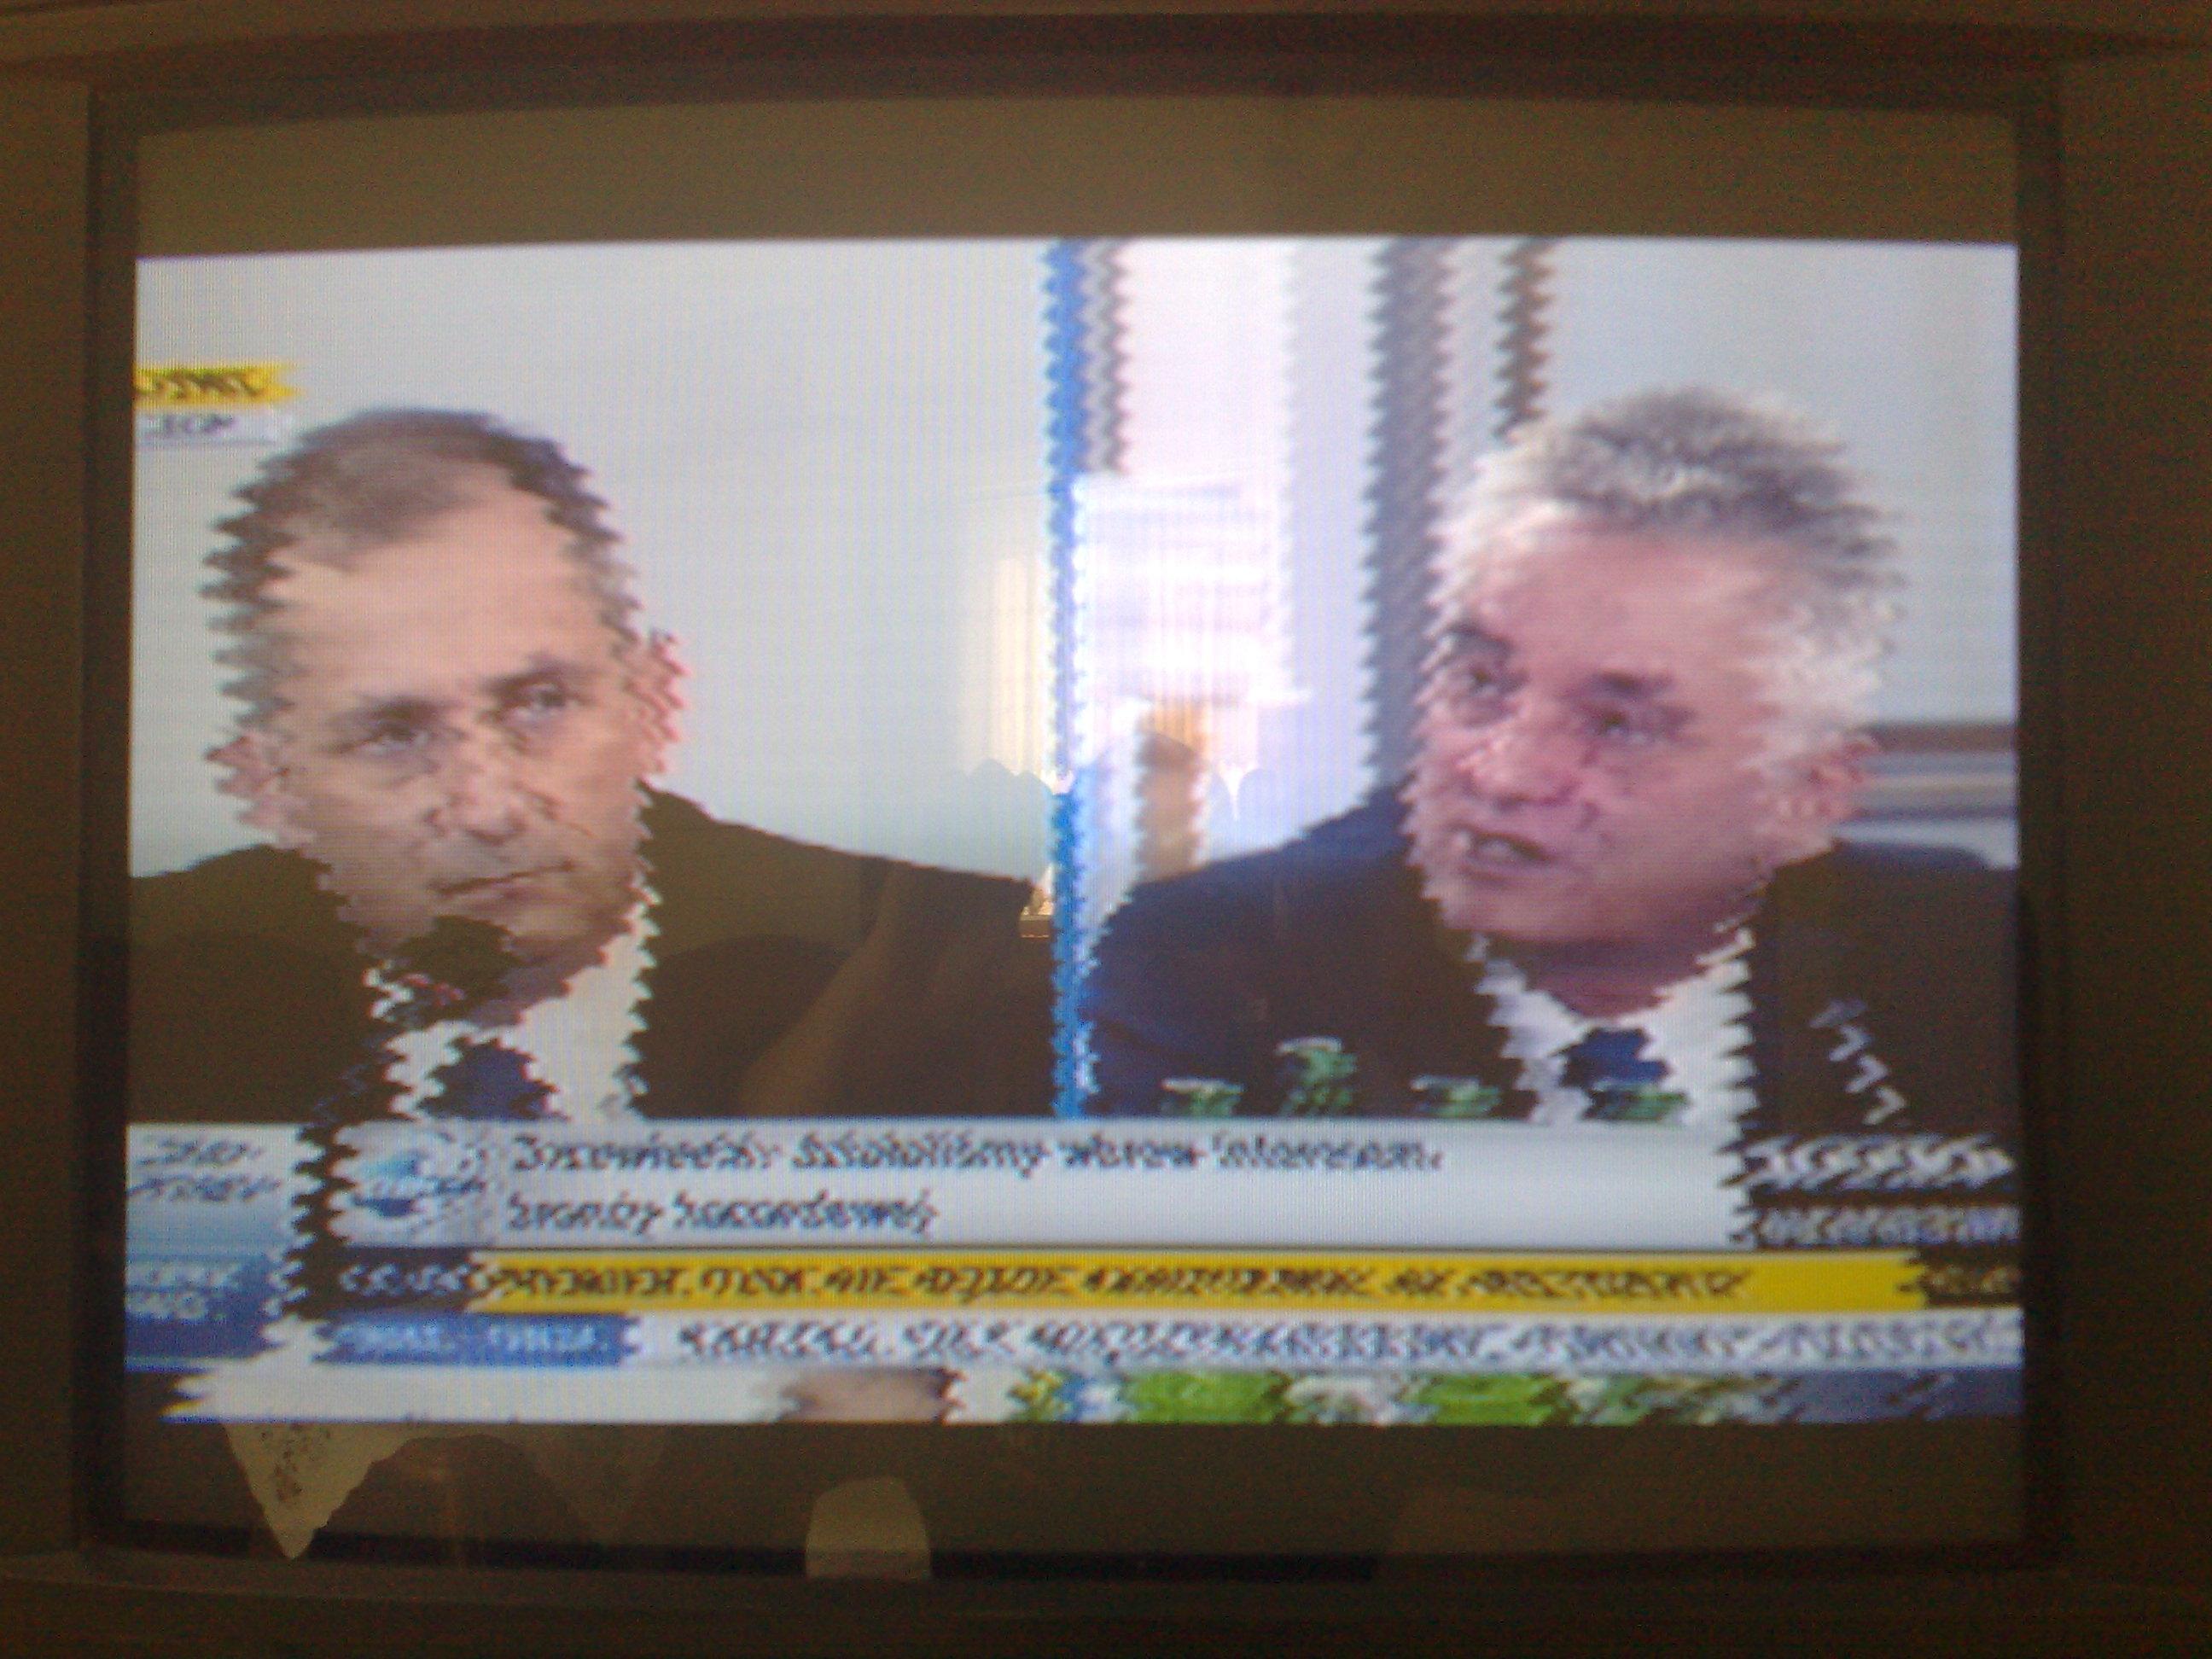 HCM TV-7102 - Brak obrazu, wcze�niej co kt�ra� linia pikseli by�a przesuni�ta